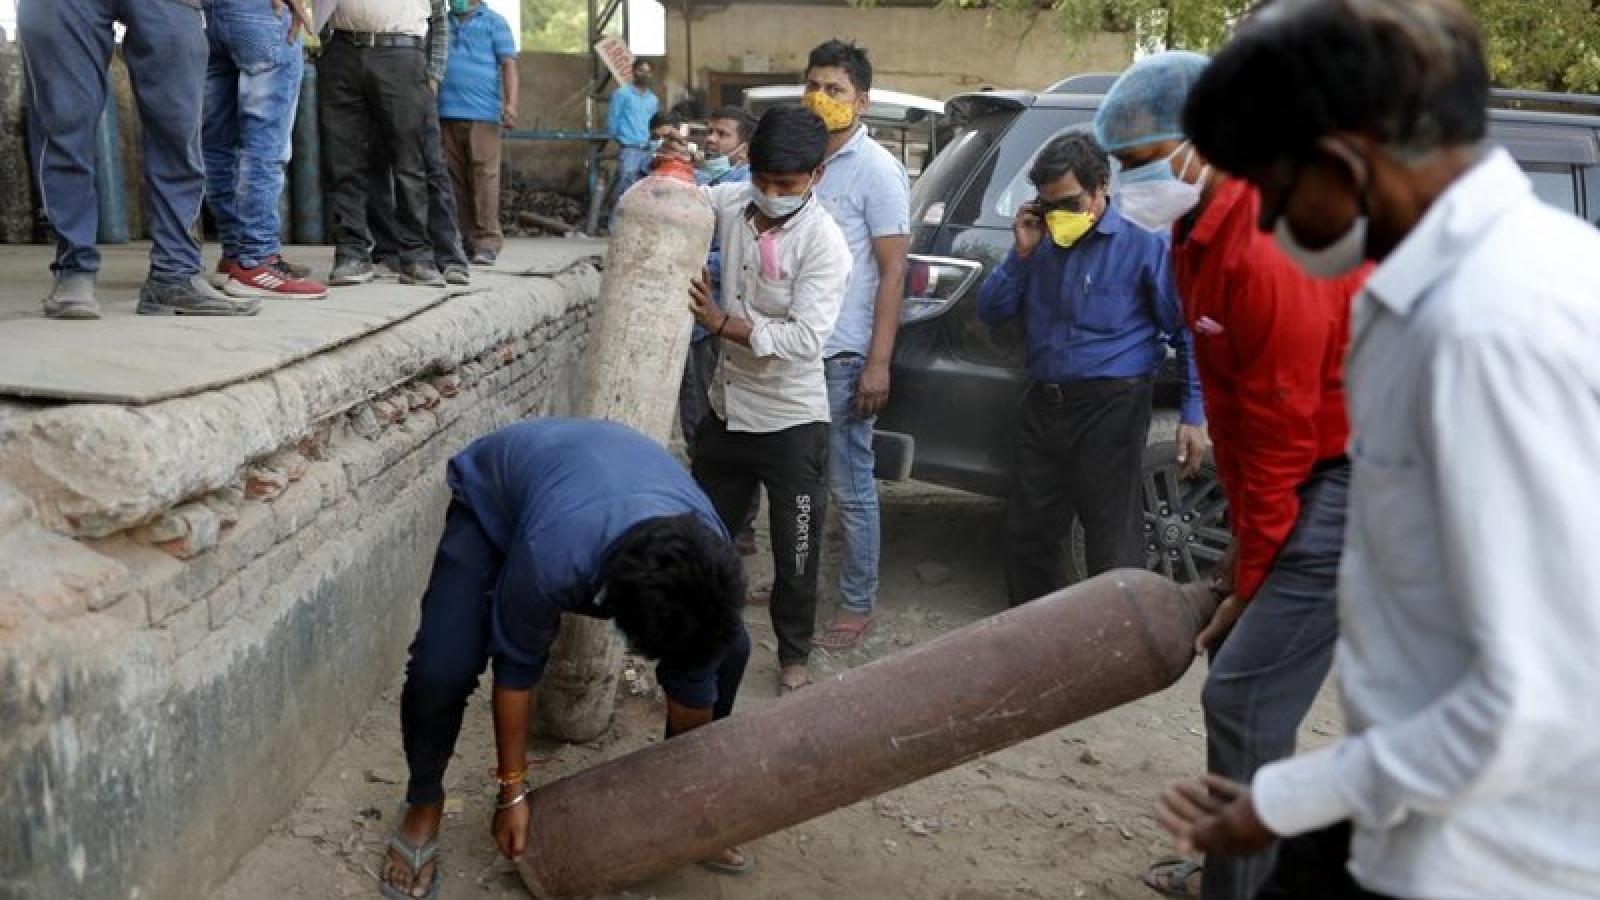 Bùng phát làn sóng mới dịch Covid-19 tại Ấn Độ: Bài học cảnh tỉnh chothế giới